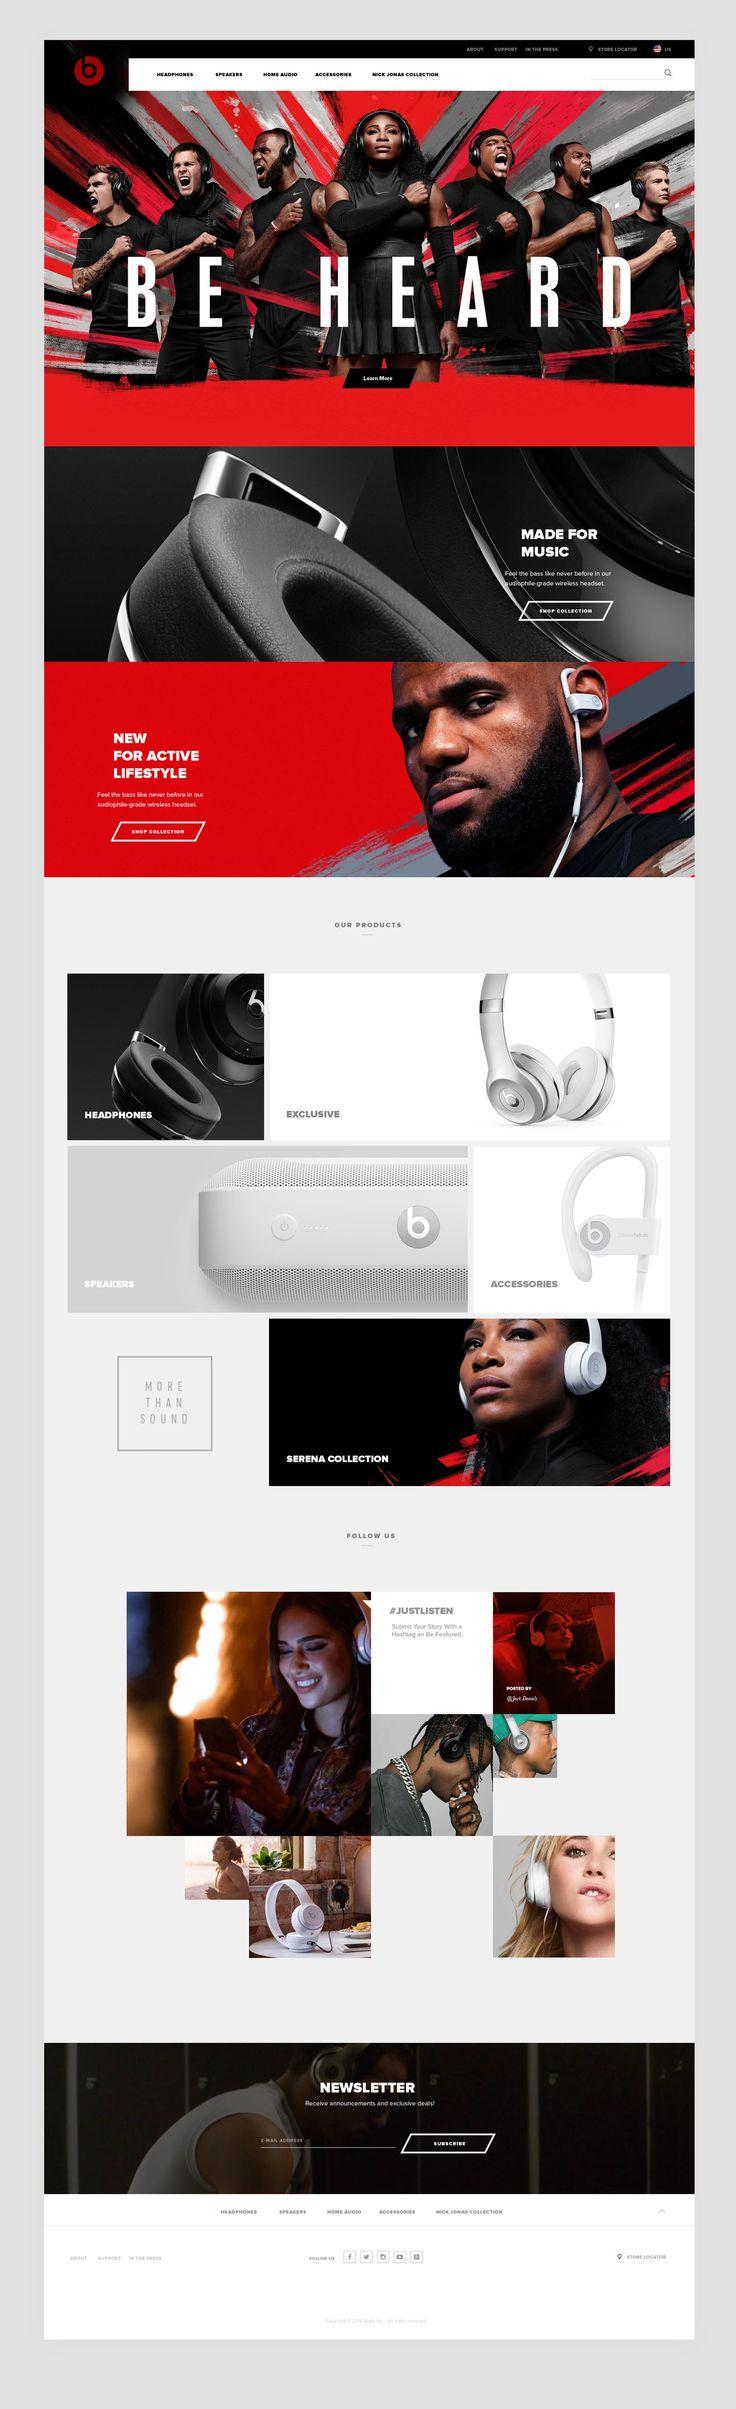 Beats by Dre website